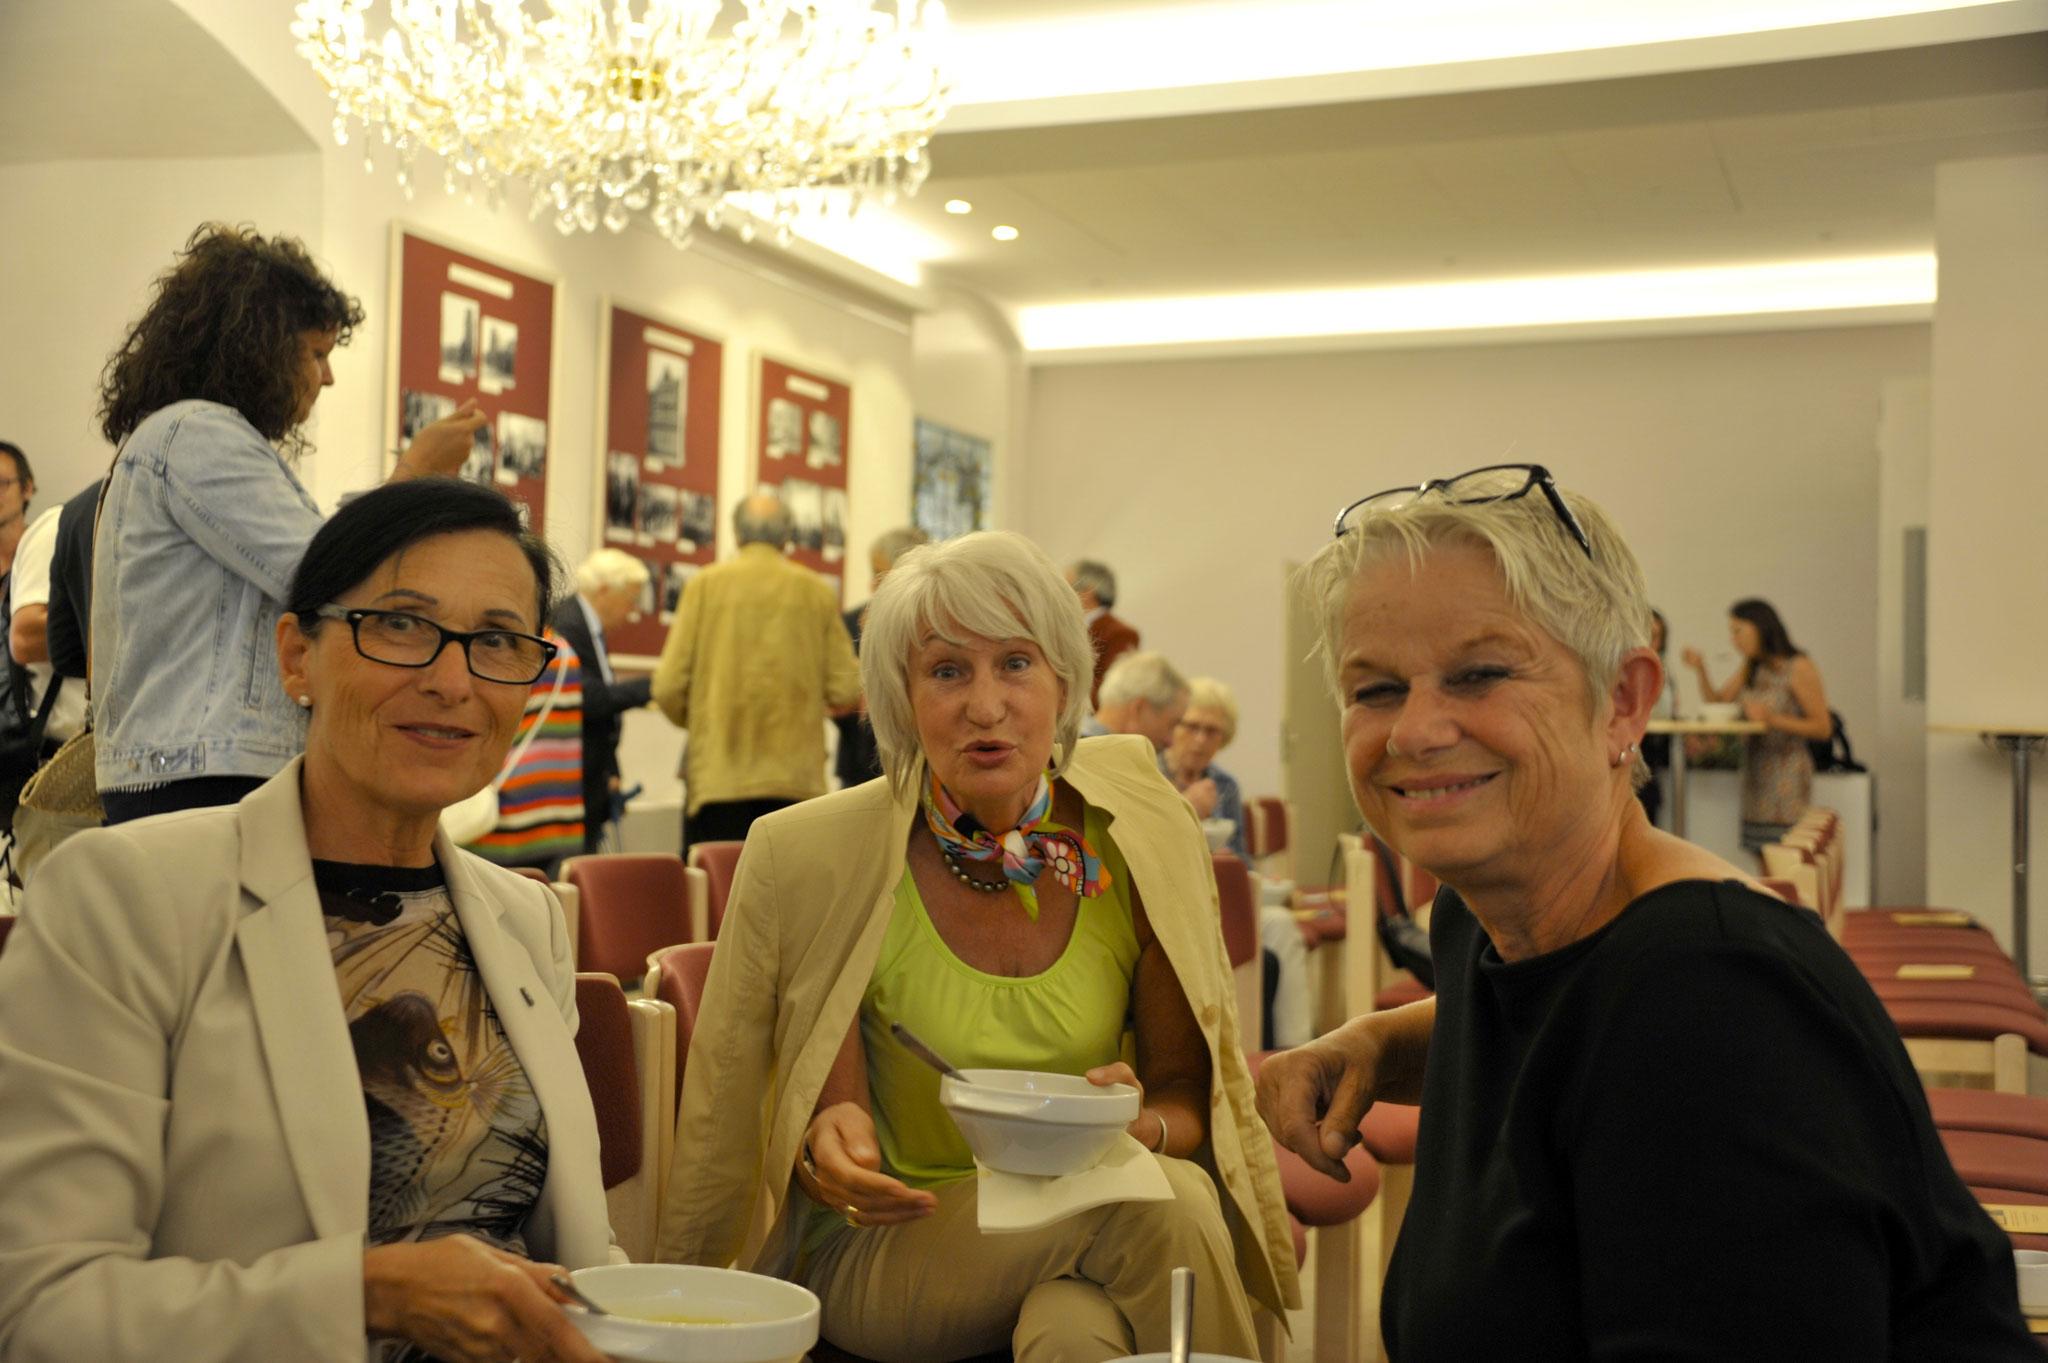 vl: Regine Kramarek, Bürgermeisterin LHH, Kristina Osmers, Renée Steinhoff, Stiftung Villa ganZ